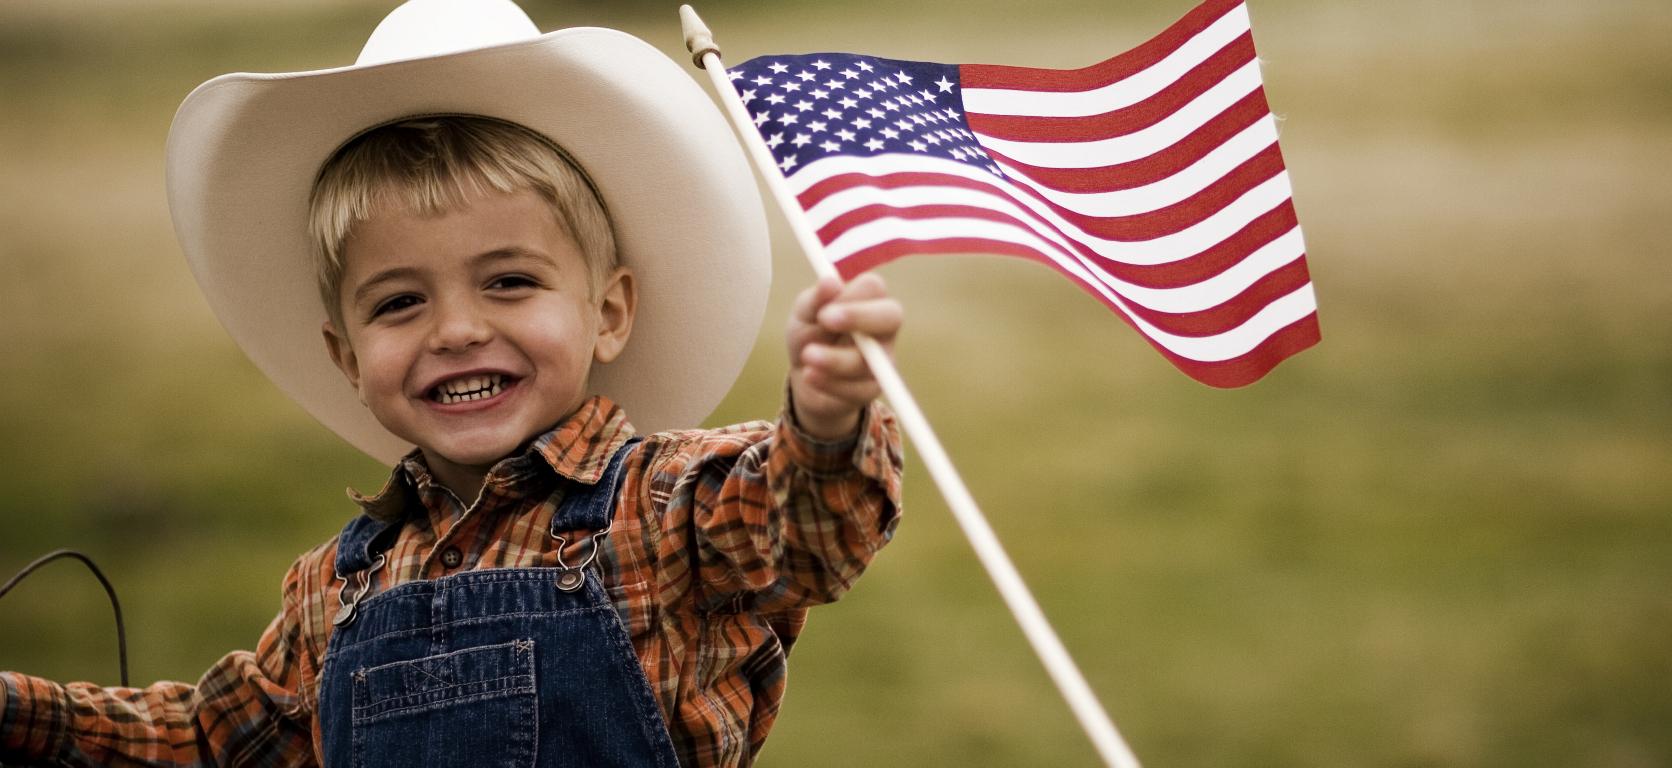 Con cái của đương đơn được học miễn phí tại Mỹ đến năm lớp 12 - lao động eb3